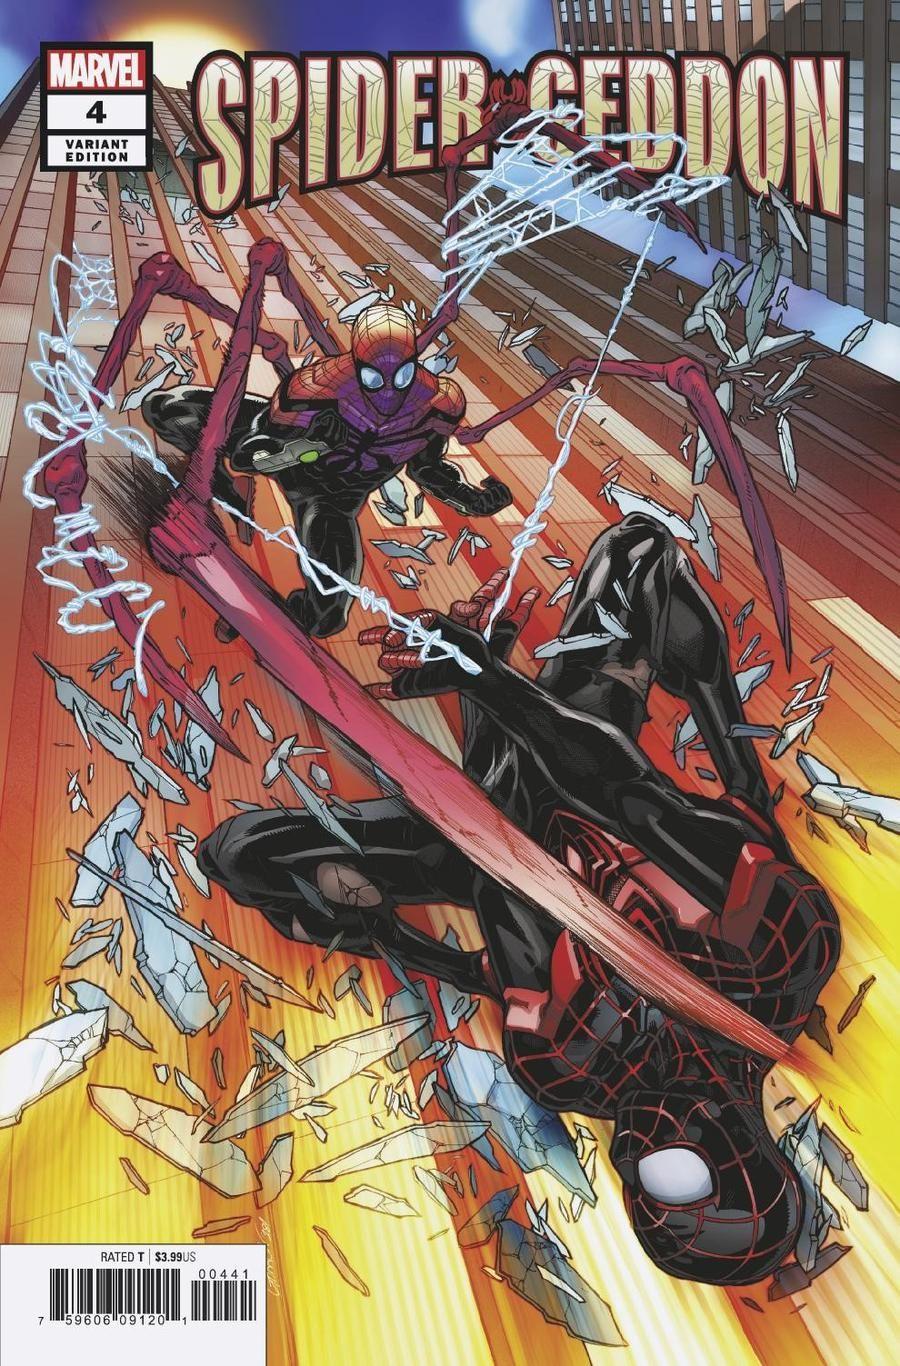 Spider-Geddon #4